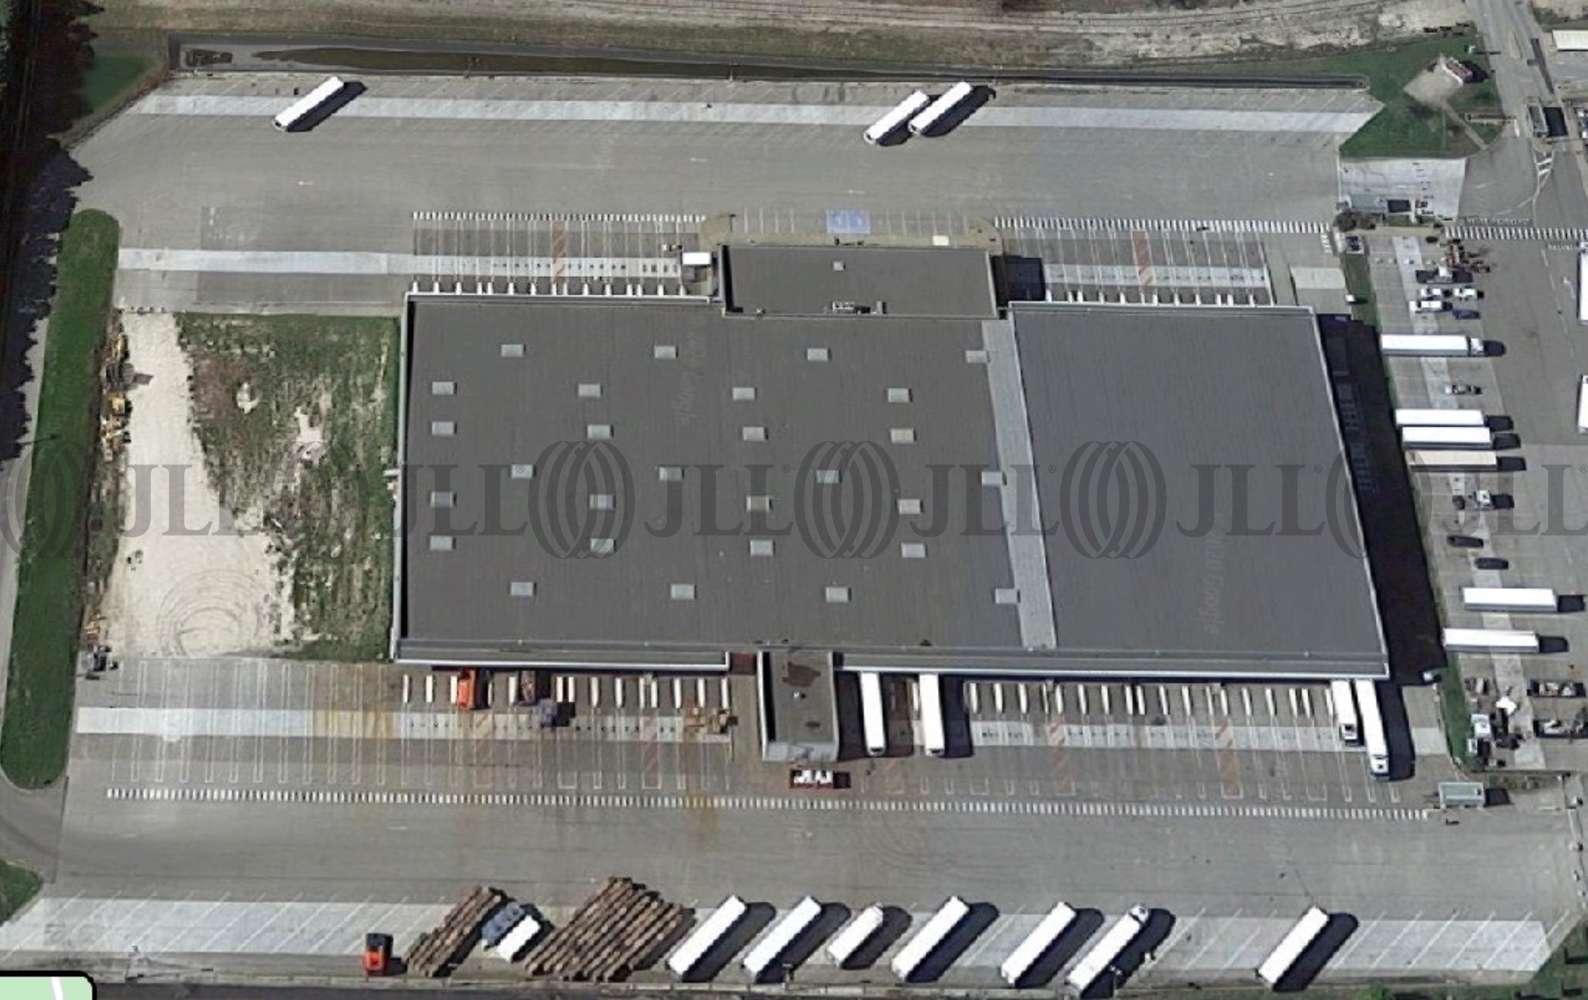 Plateformes logistiques Cavaillon, 84300 - LOCATION ENTREPOT VALLEE DU RHONE